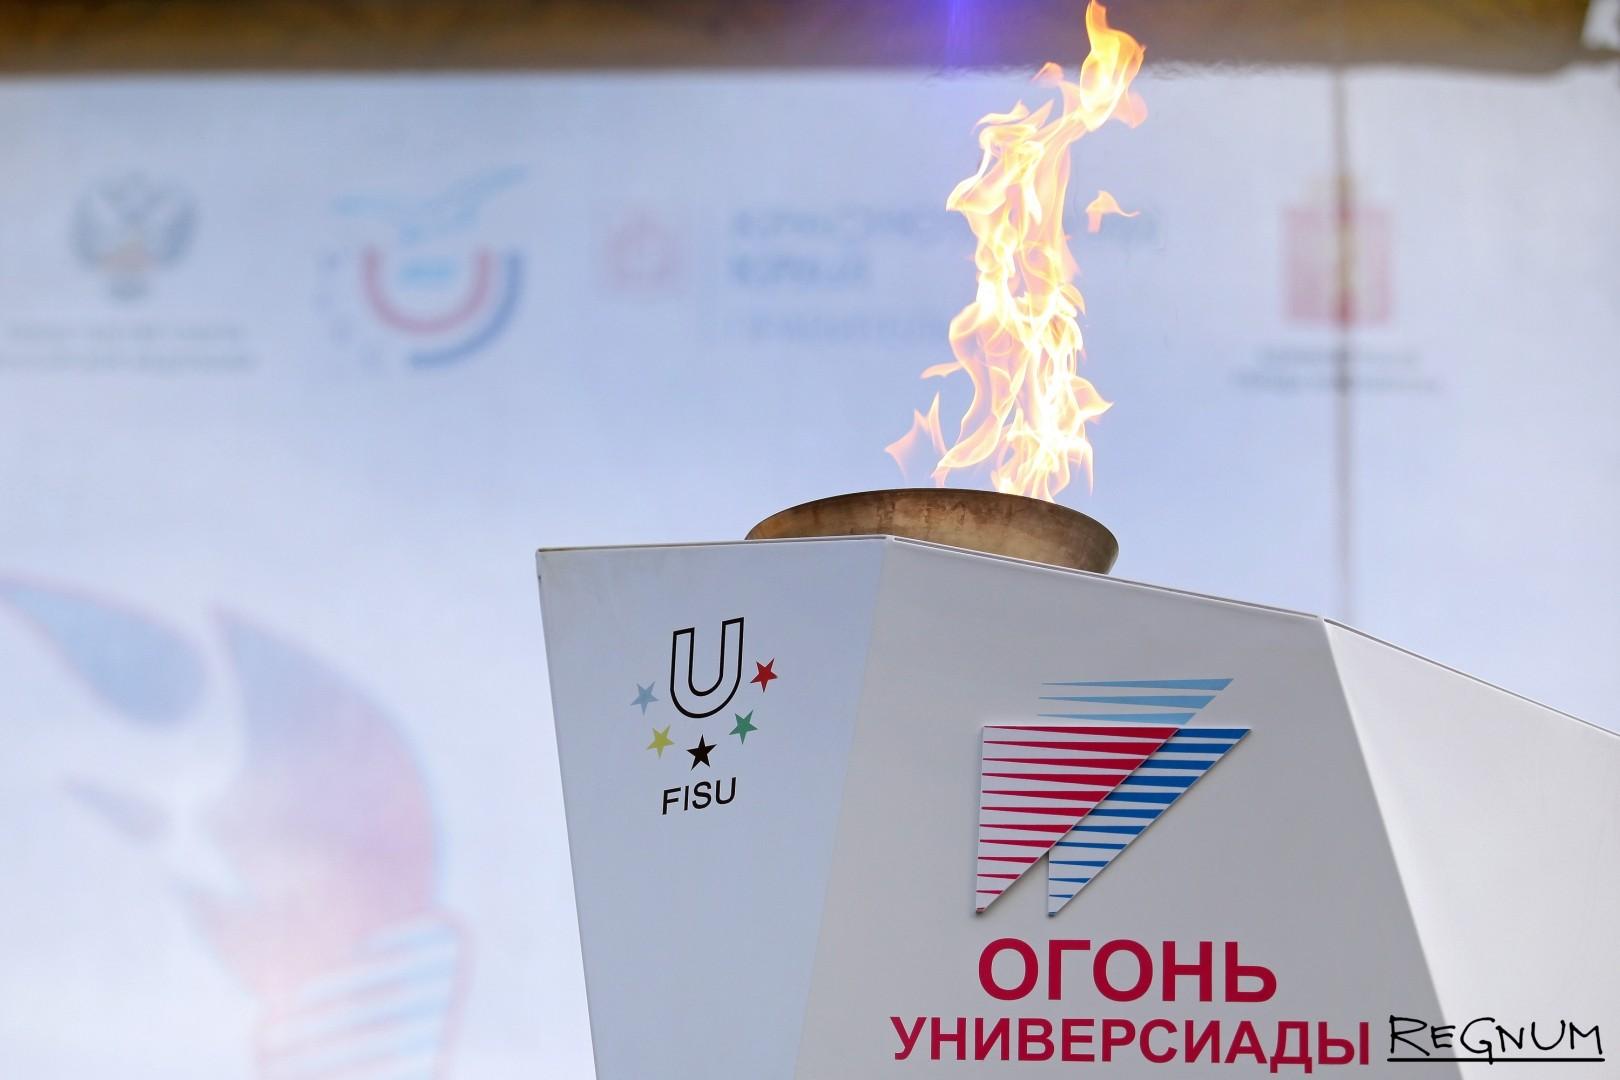 Огонь универсиады